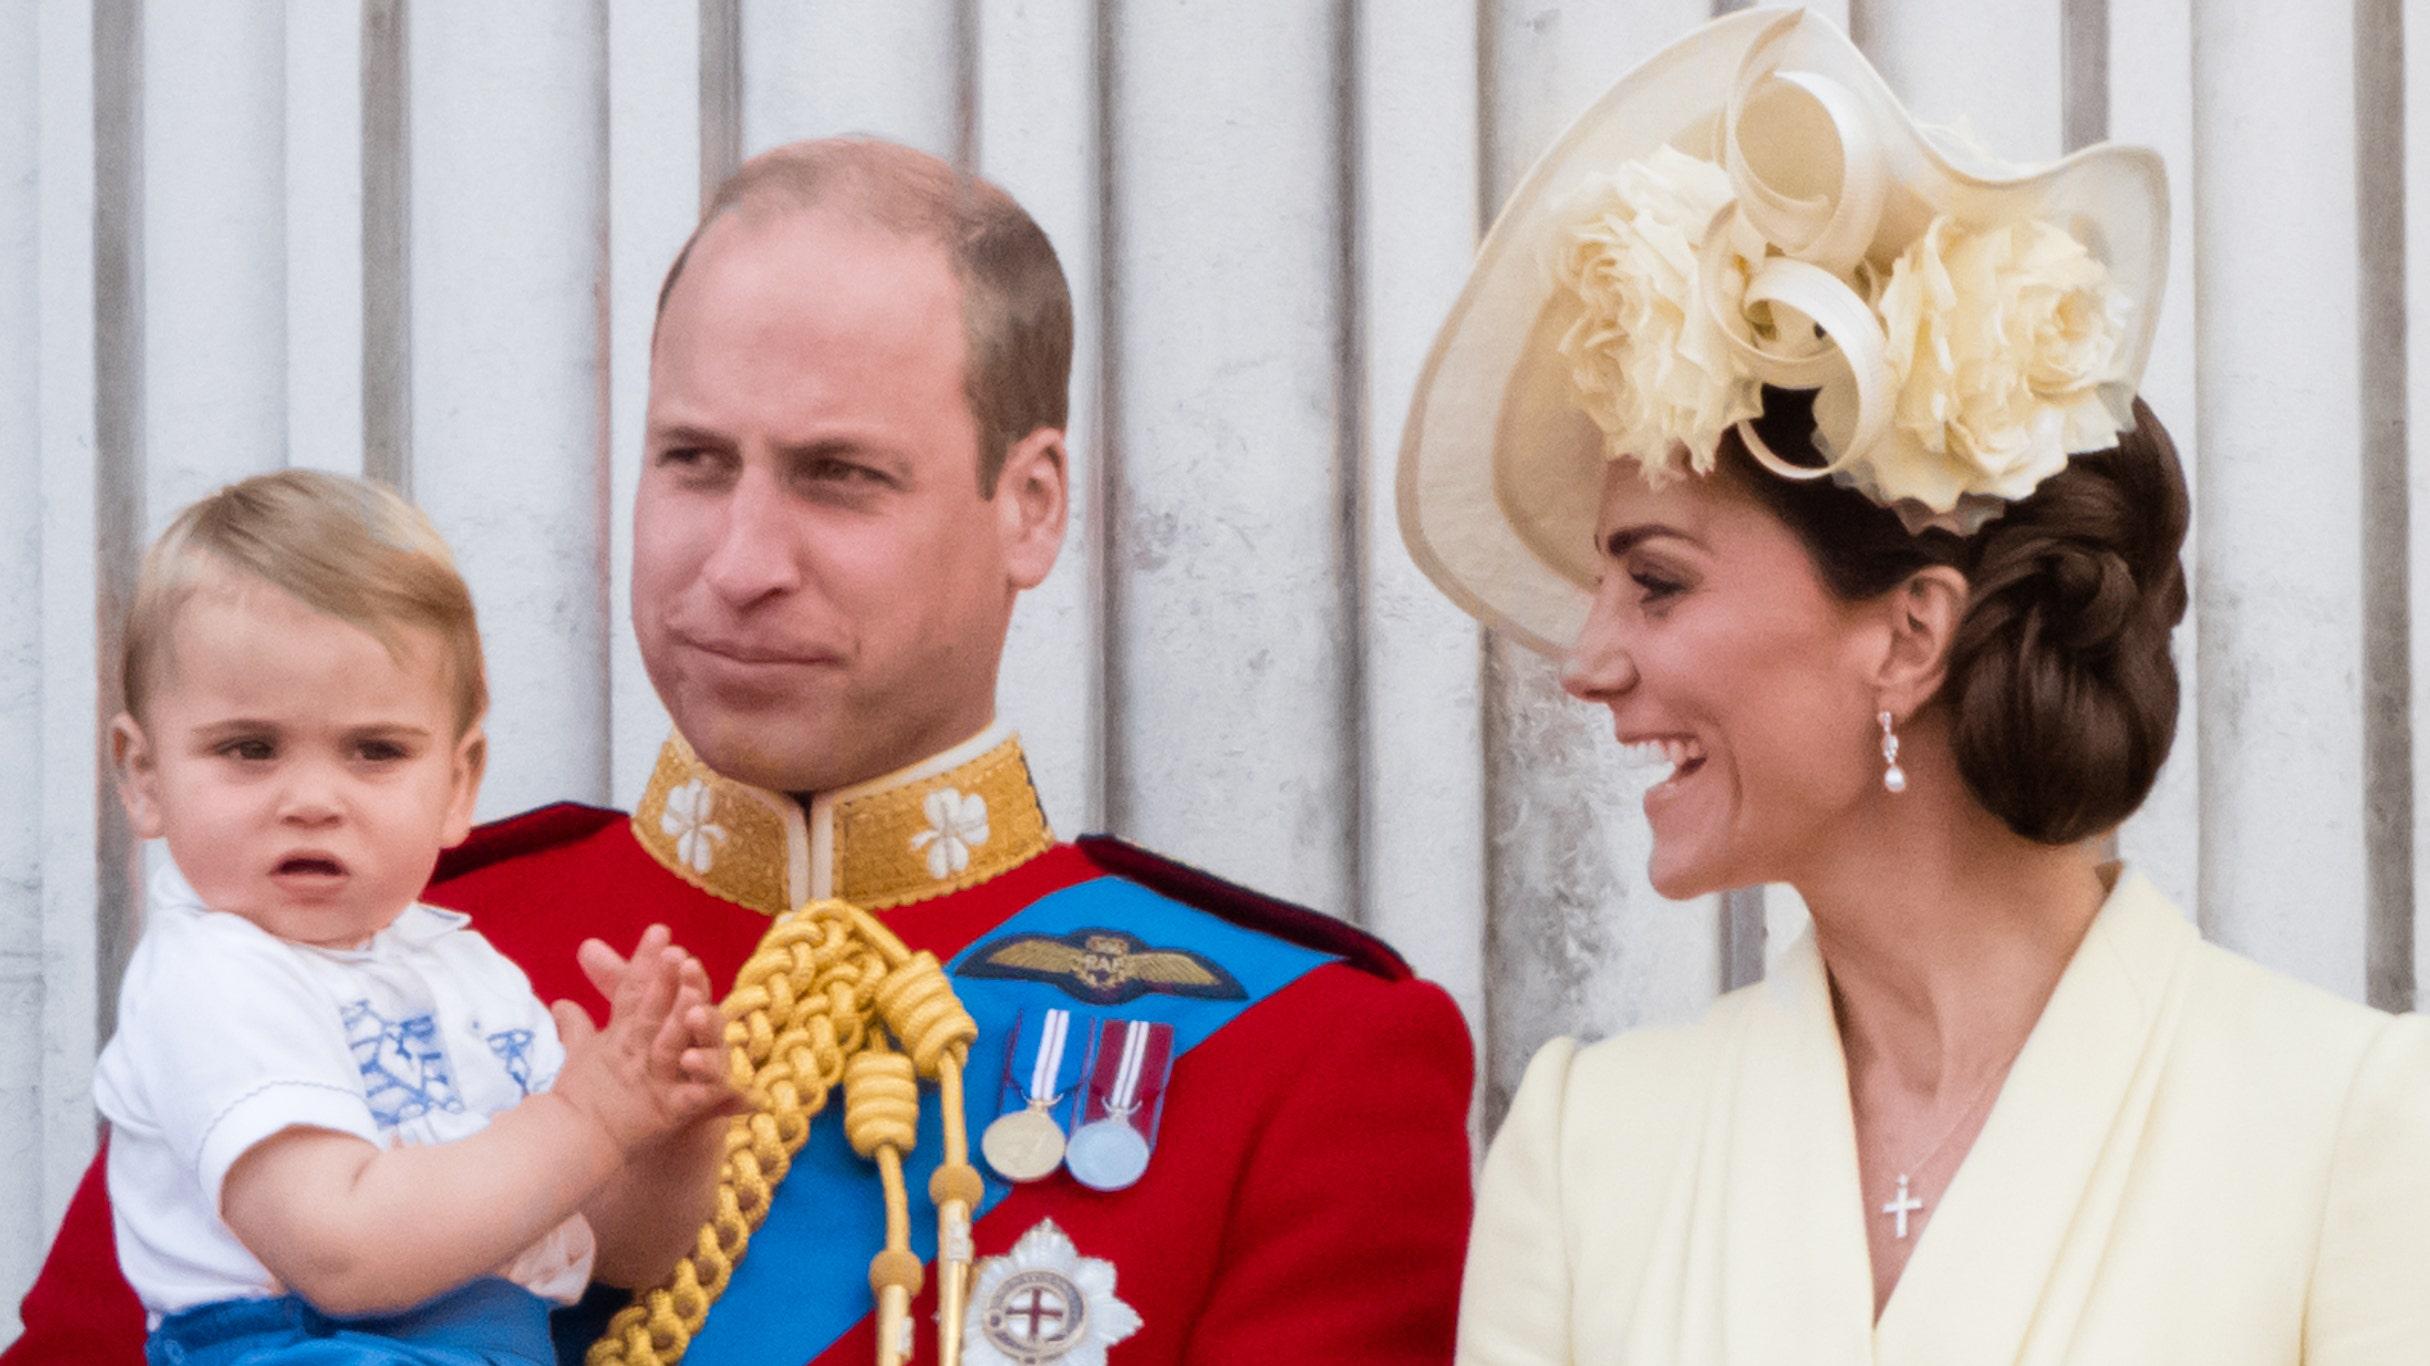 Ο πρίγκιπας Γουίλιαμ γιορτάζει τα Χριστούγεννα με την ανταλλαγή αξιολάτρευτο φωτογραφία με τα παιδιά του